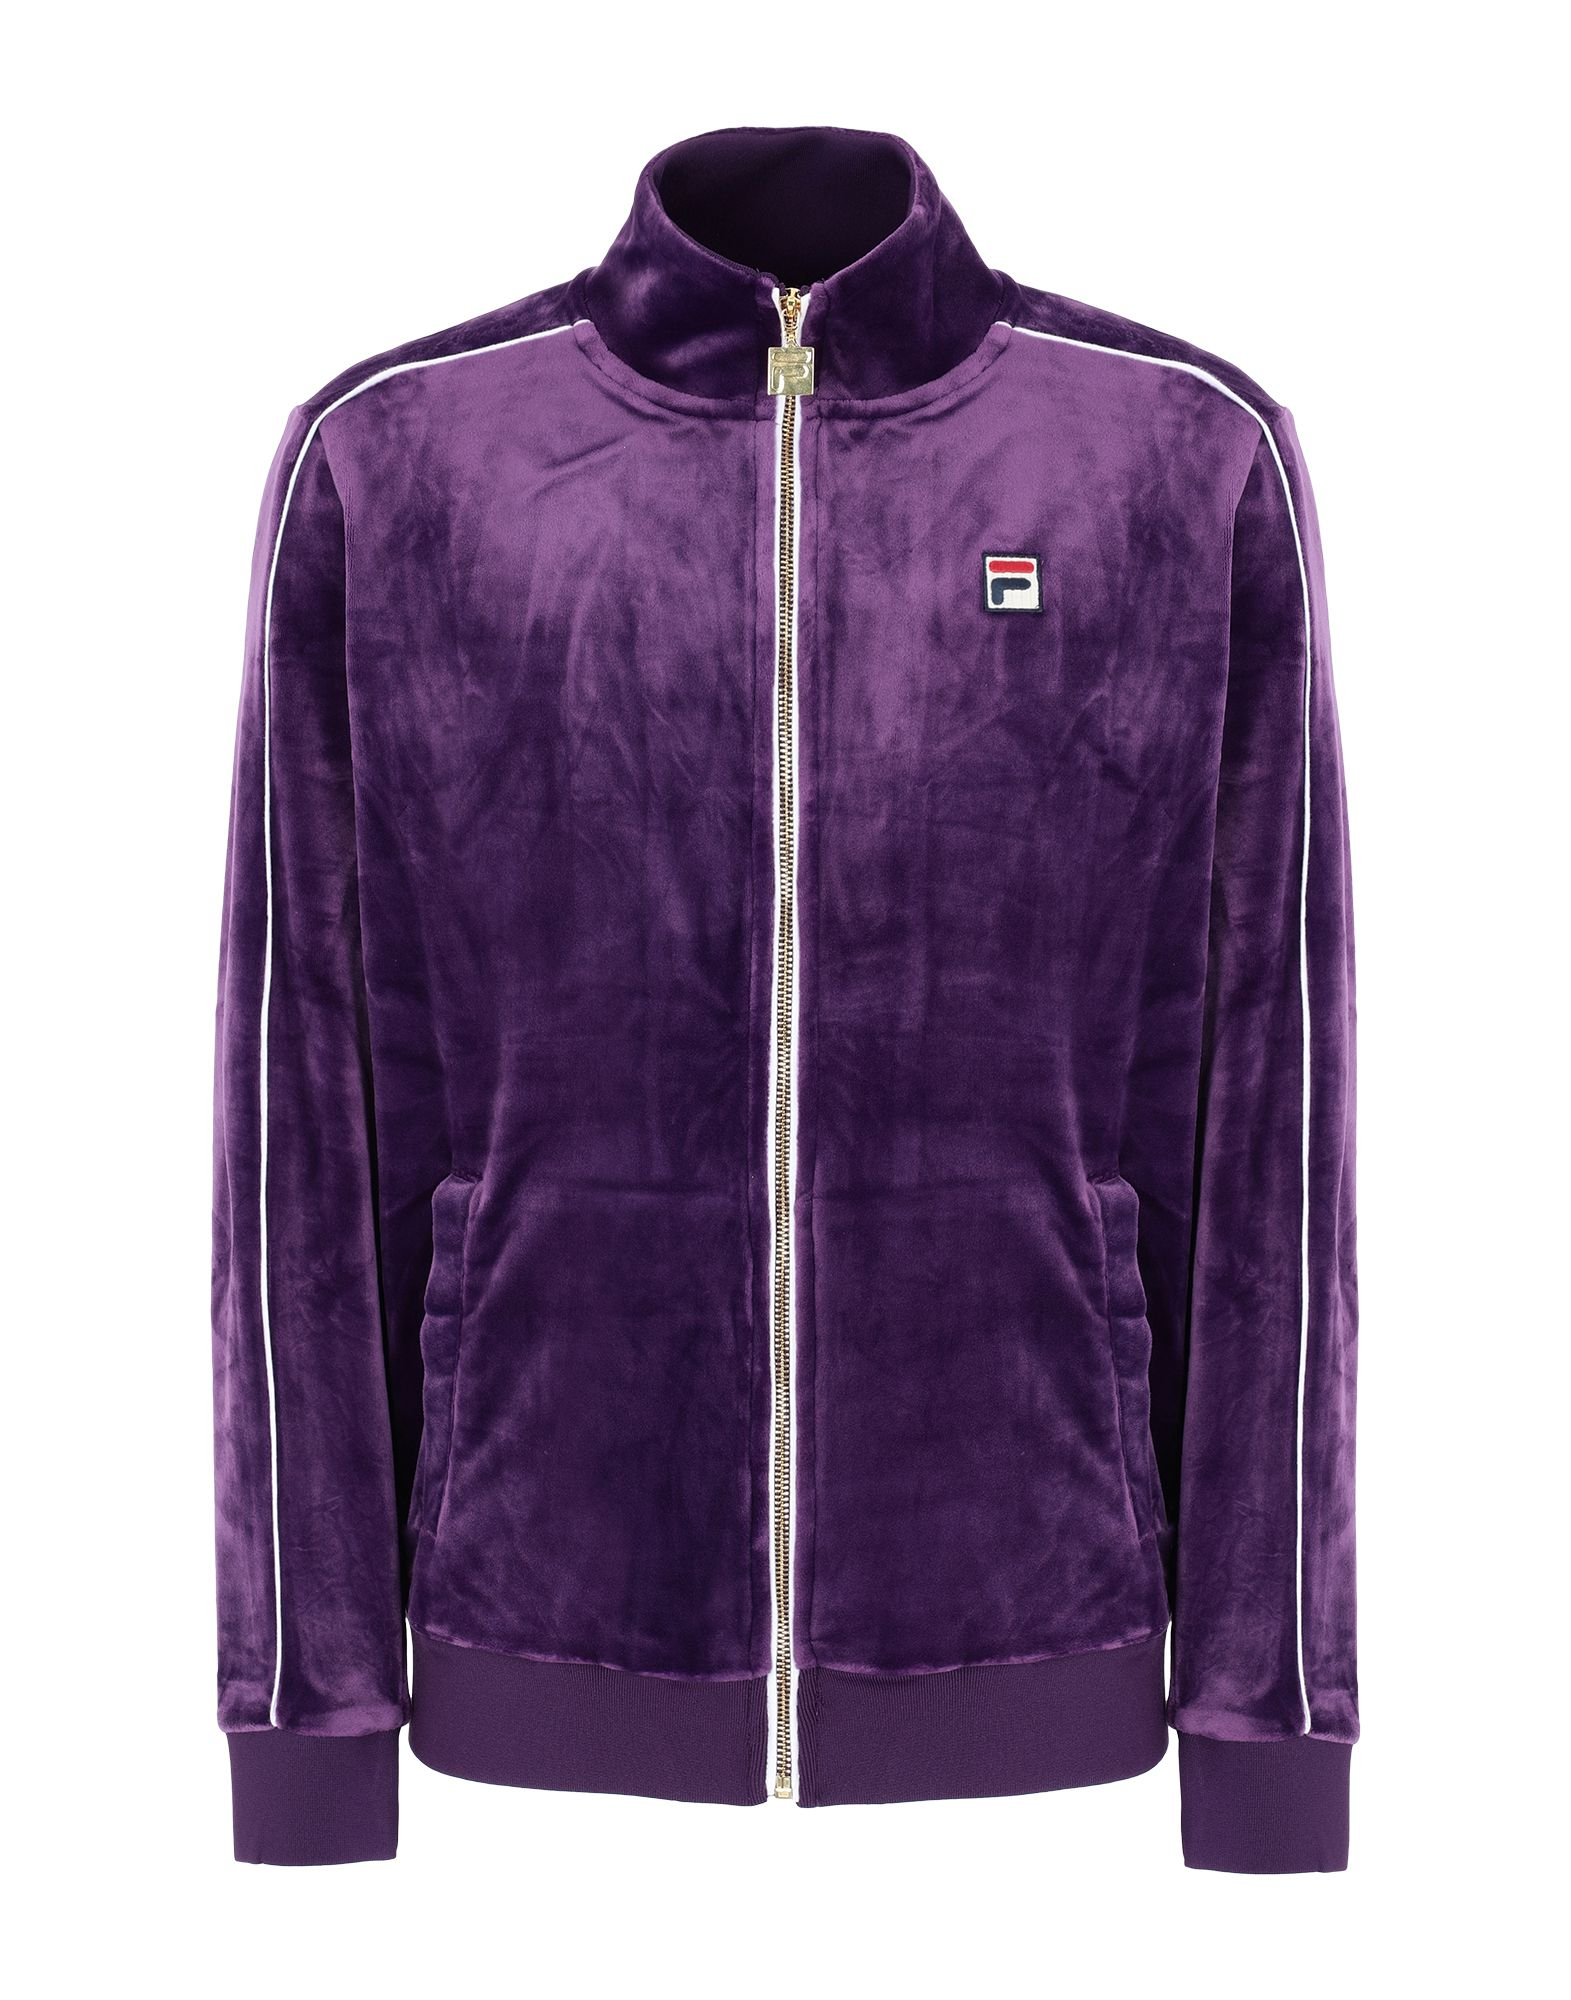 《セール開催中》FILA HERITAGE メンズ スウェットシャツ パープル S ポリエステル 95% / ポリウレタン 5% LINEKER velour track jacket with contrast